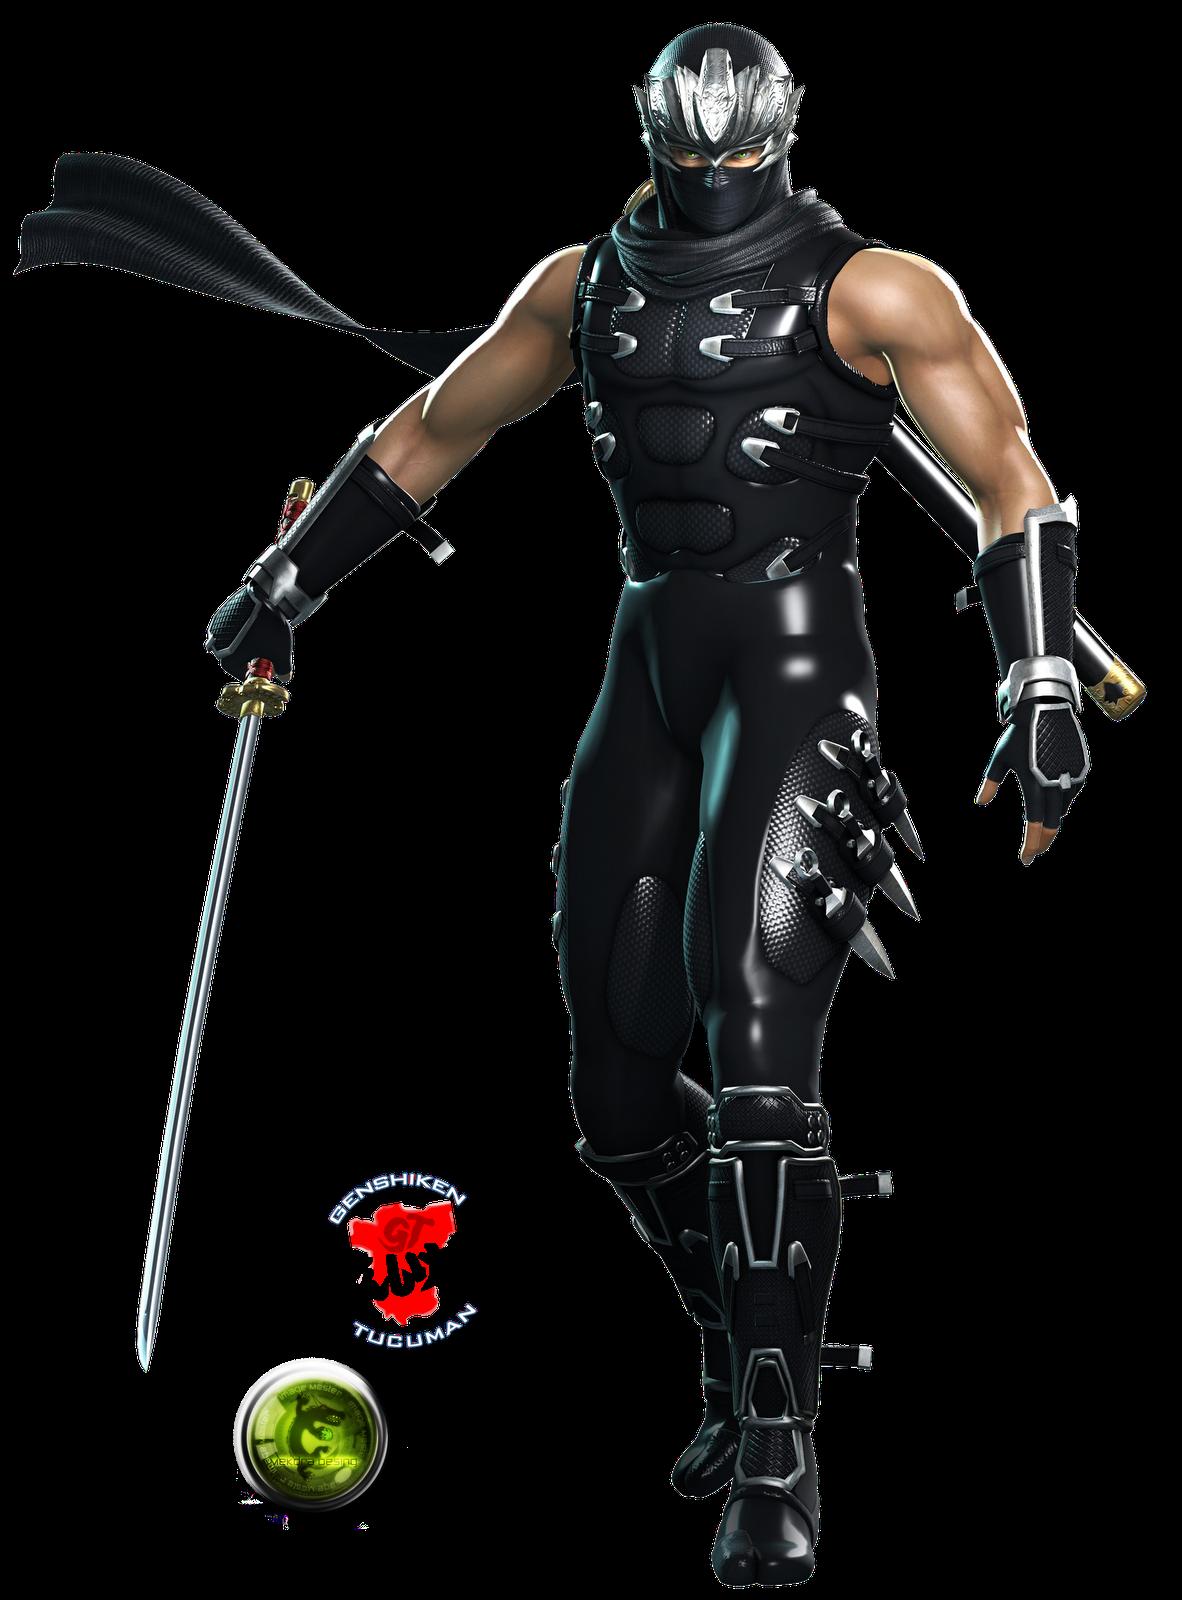 Ryu Hayabusa Render Png 1182 1600